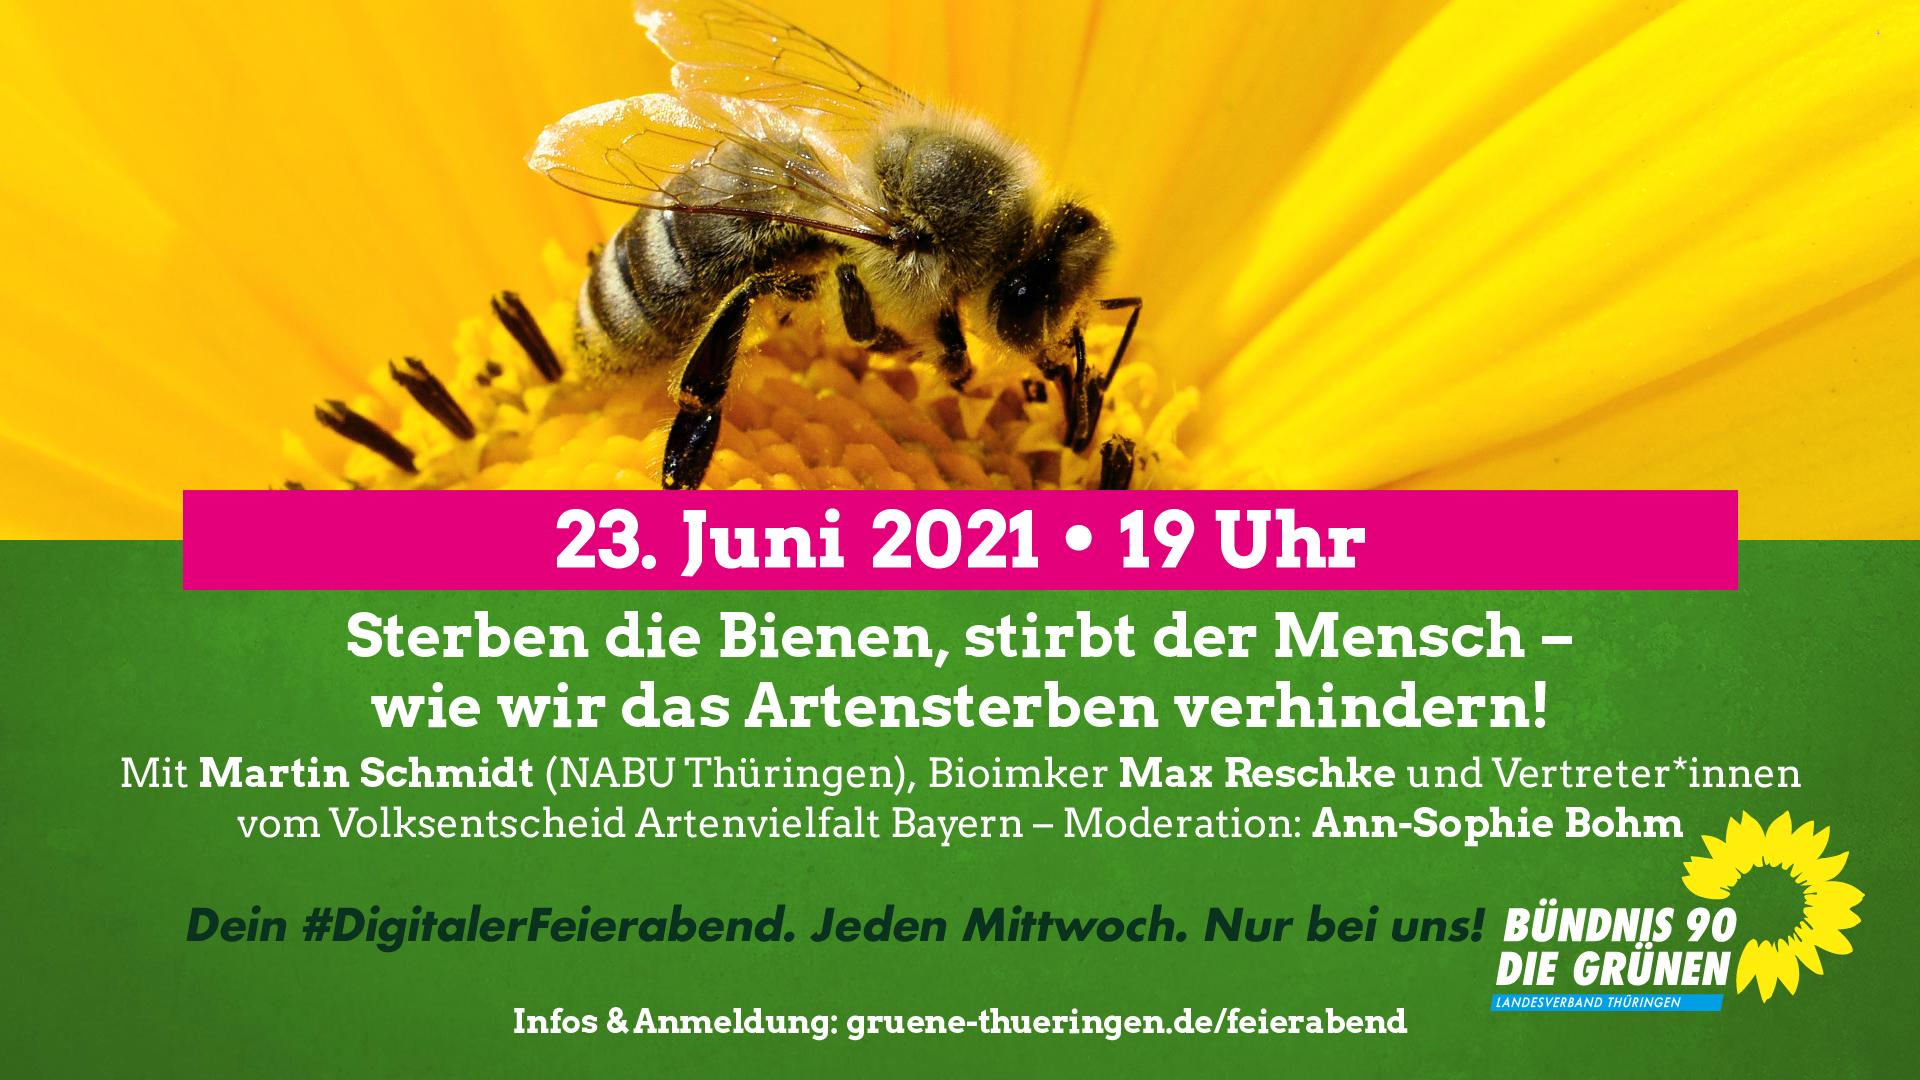 """""""Sterben die Bienen, stirbt der Mensch – wie wir jetzt das Artensterben verhindern!"""""""